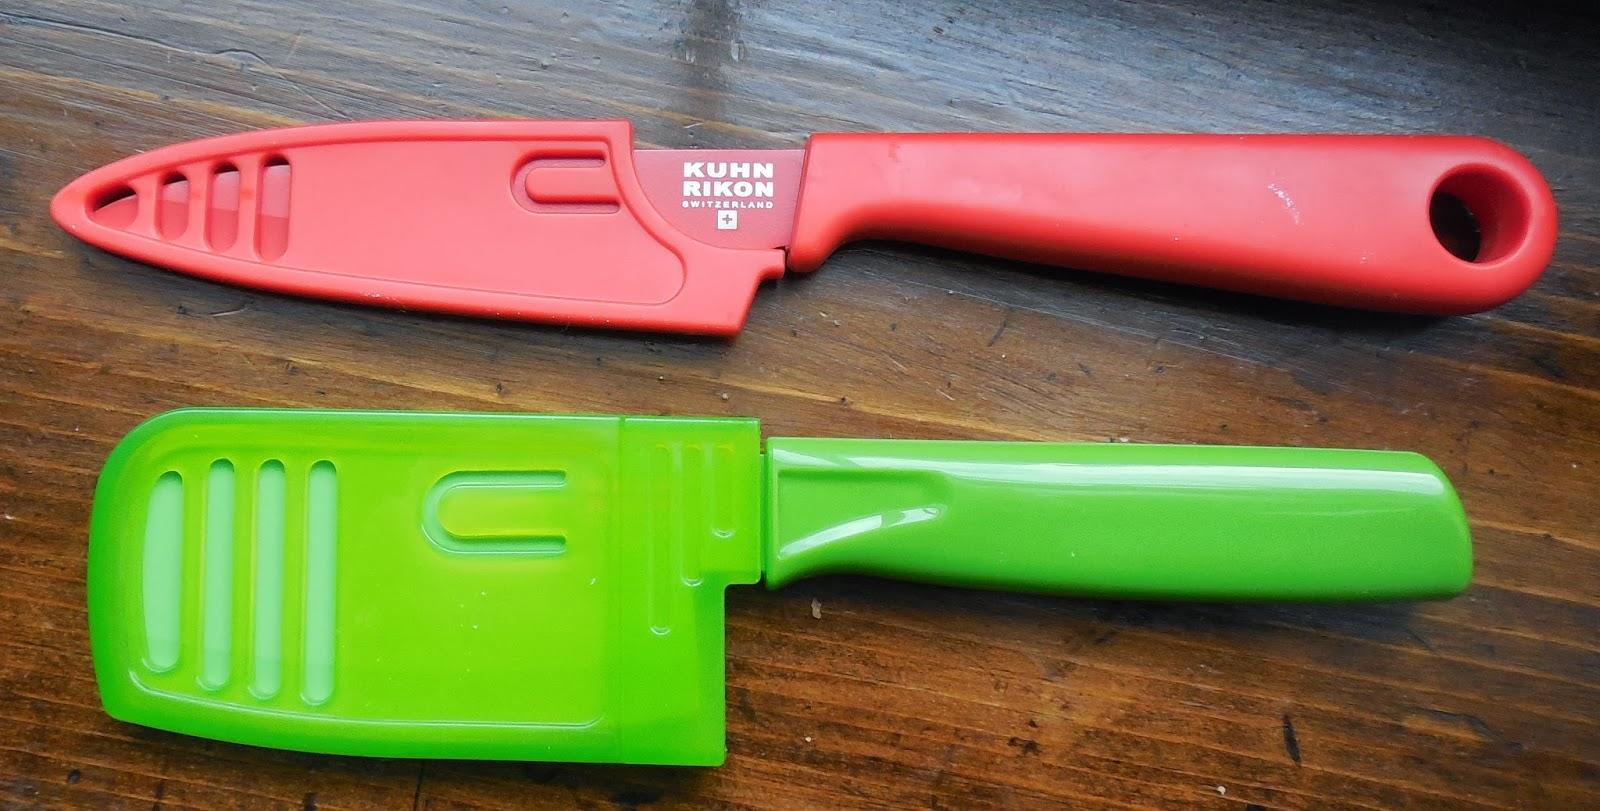 Kuhn Rikon Knives